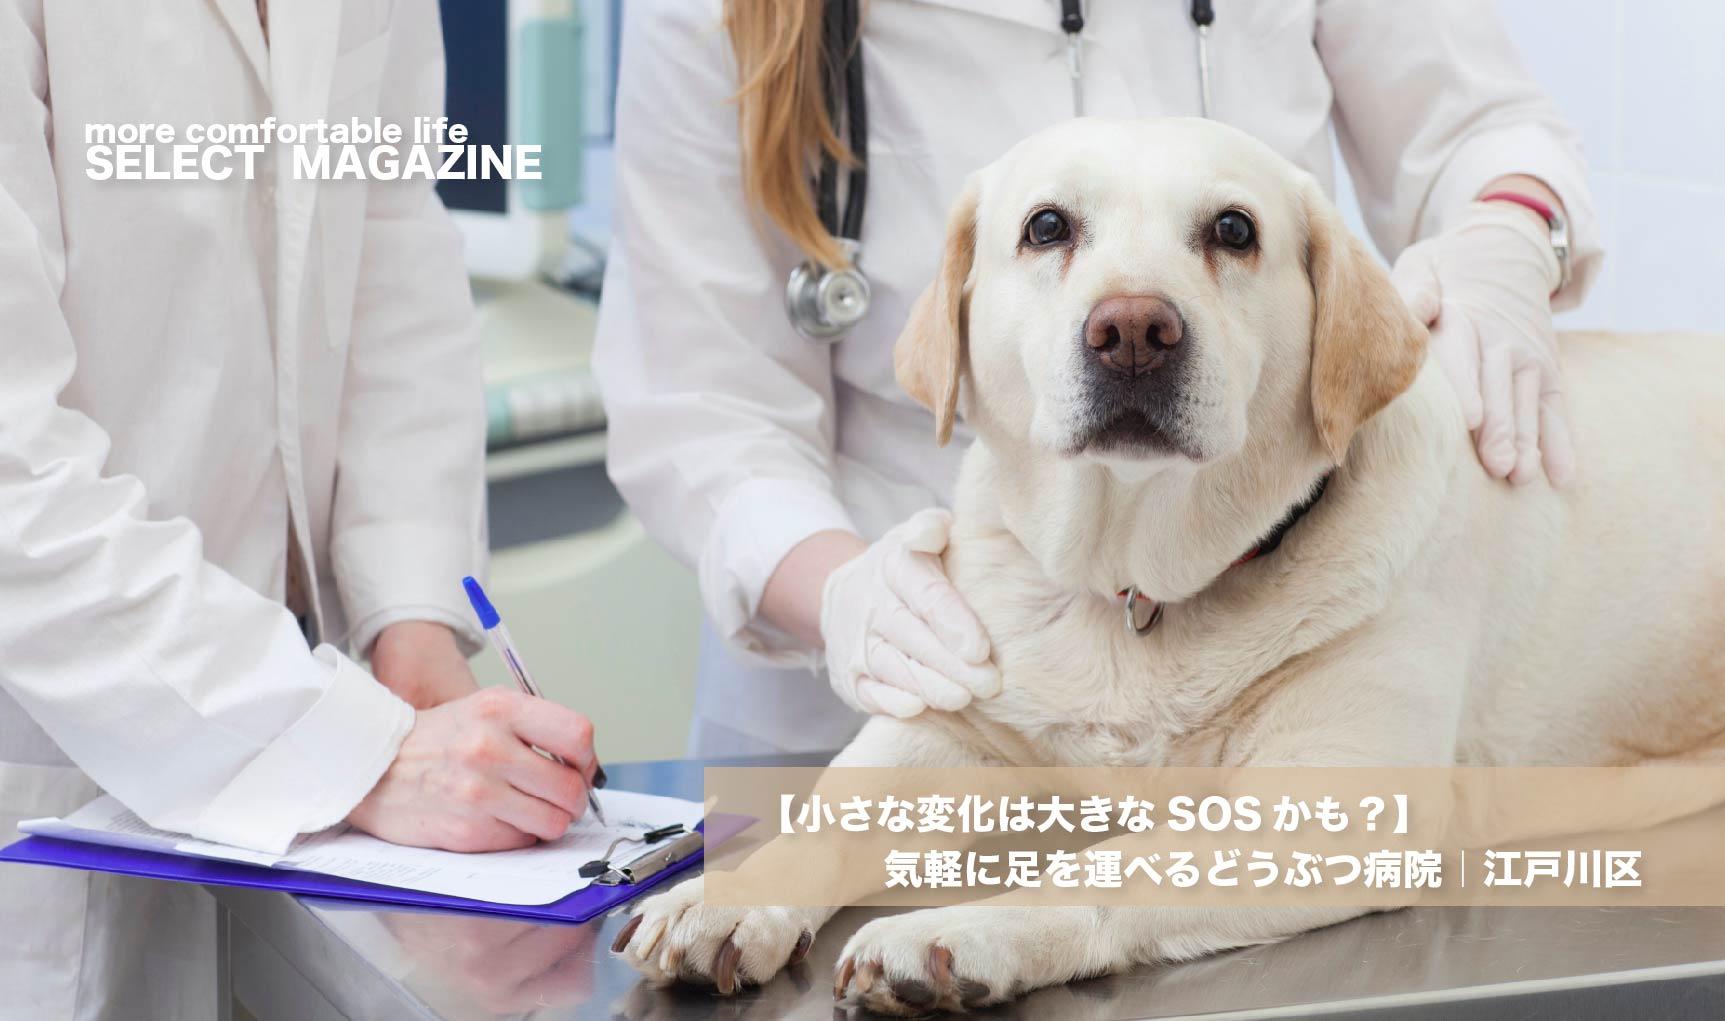 【小さな変化は大きなSOSかも?】気軽に足を運べるどうぶつ病院|江戸川区